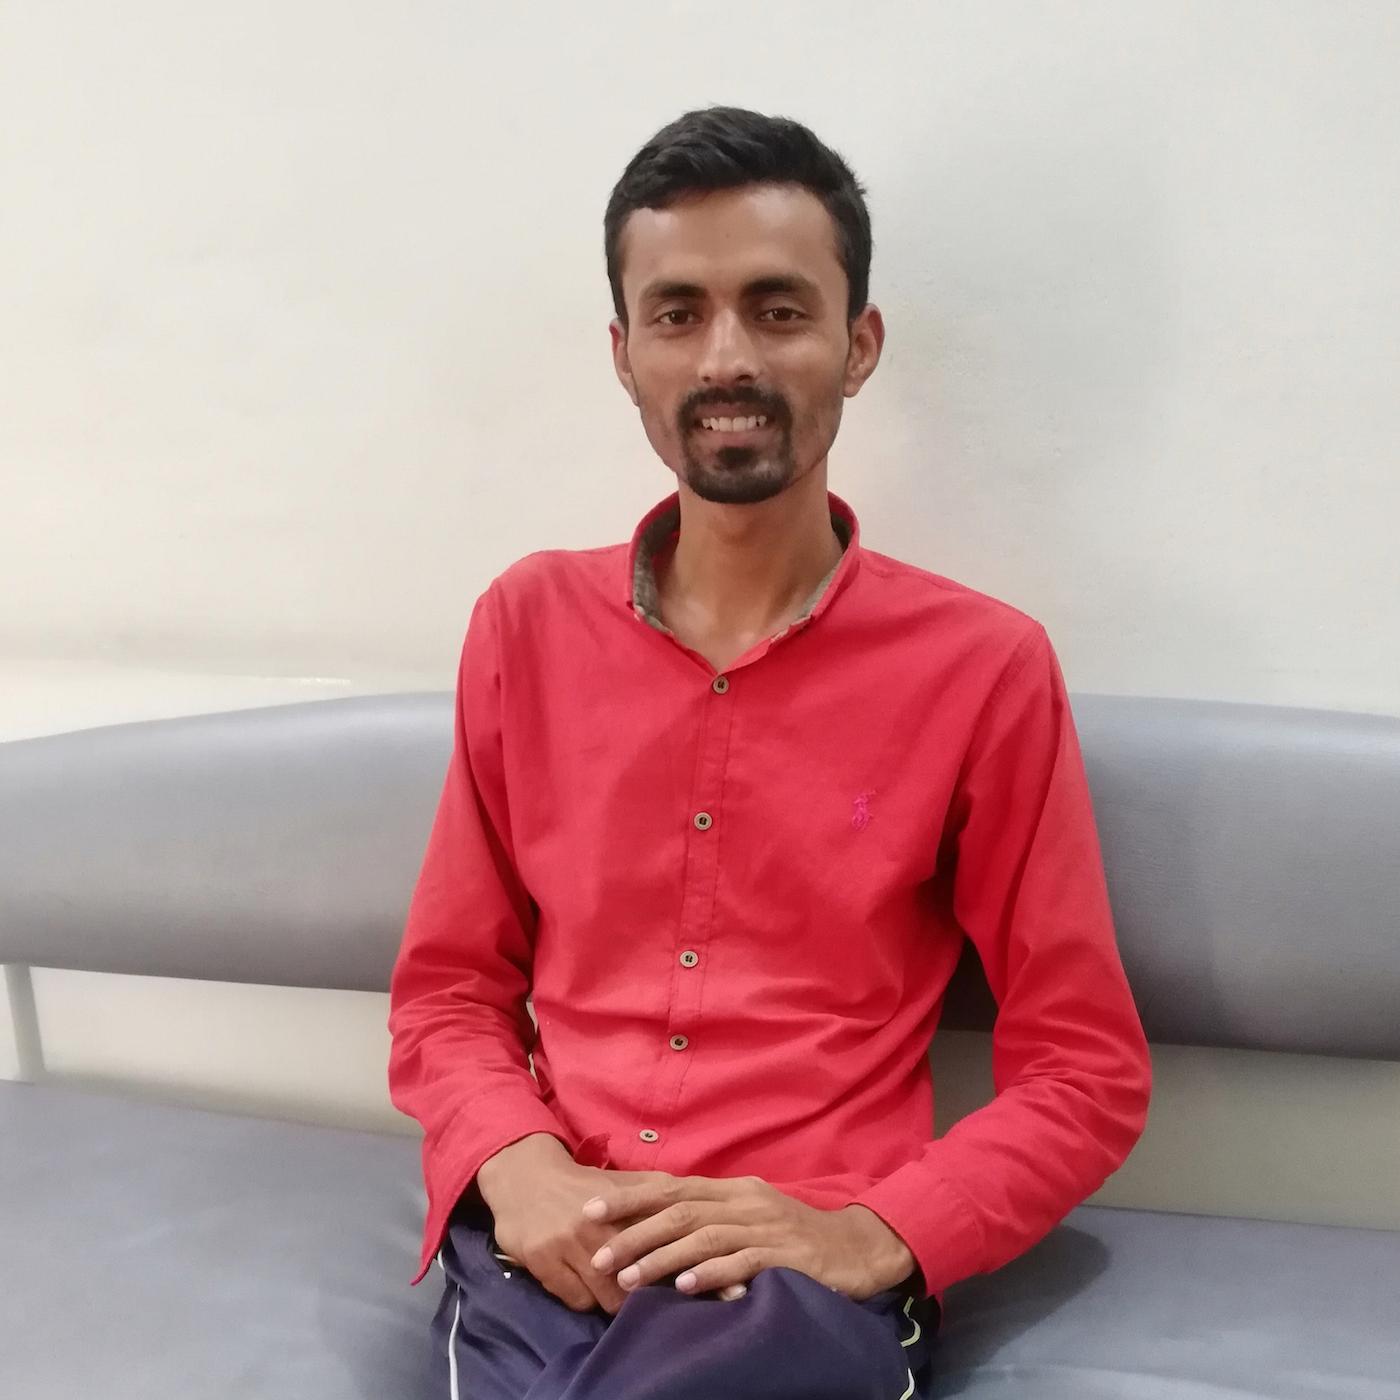 Nach seiner Behandlung besucht Waqar die Arbeiterwohlfahrt.